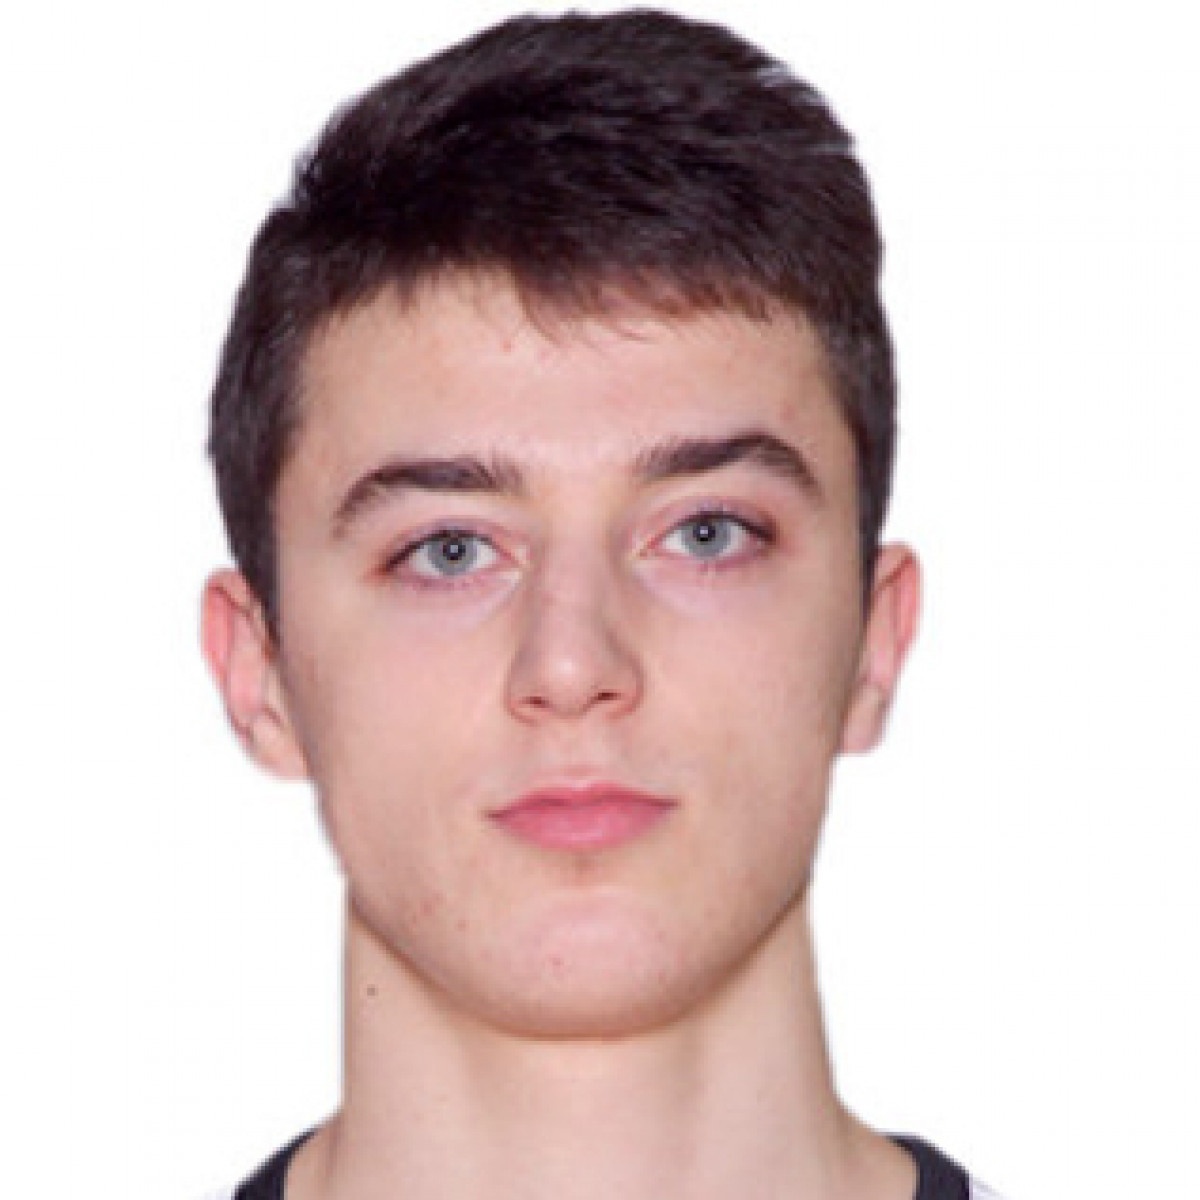 Stefan Adzic